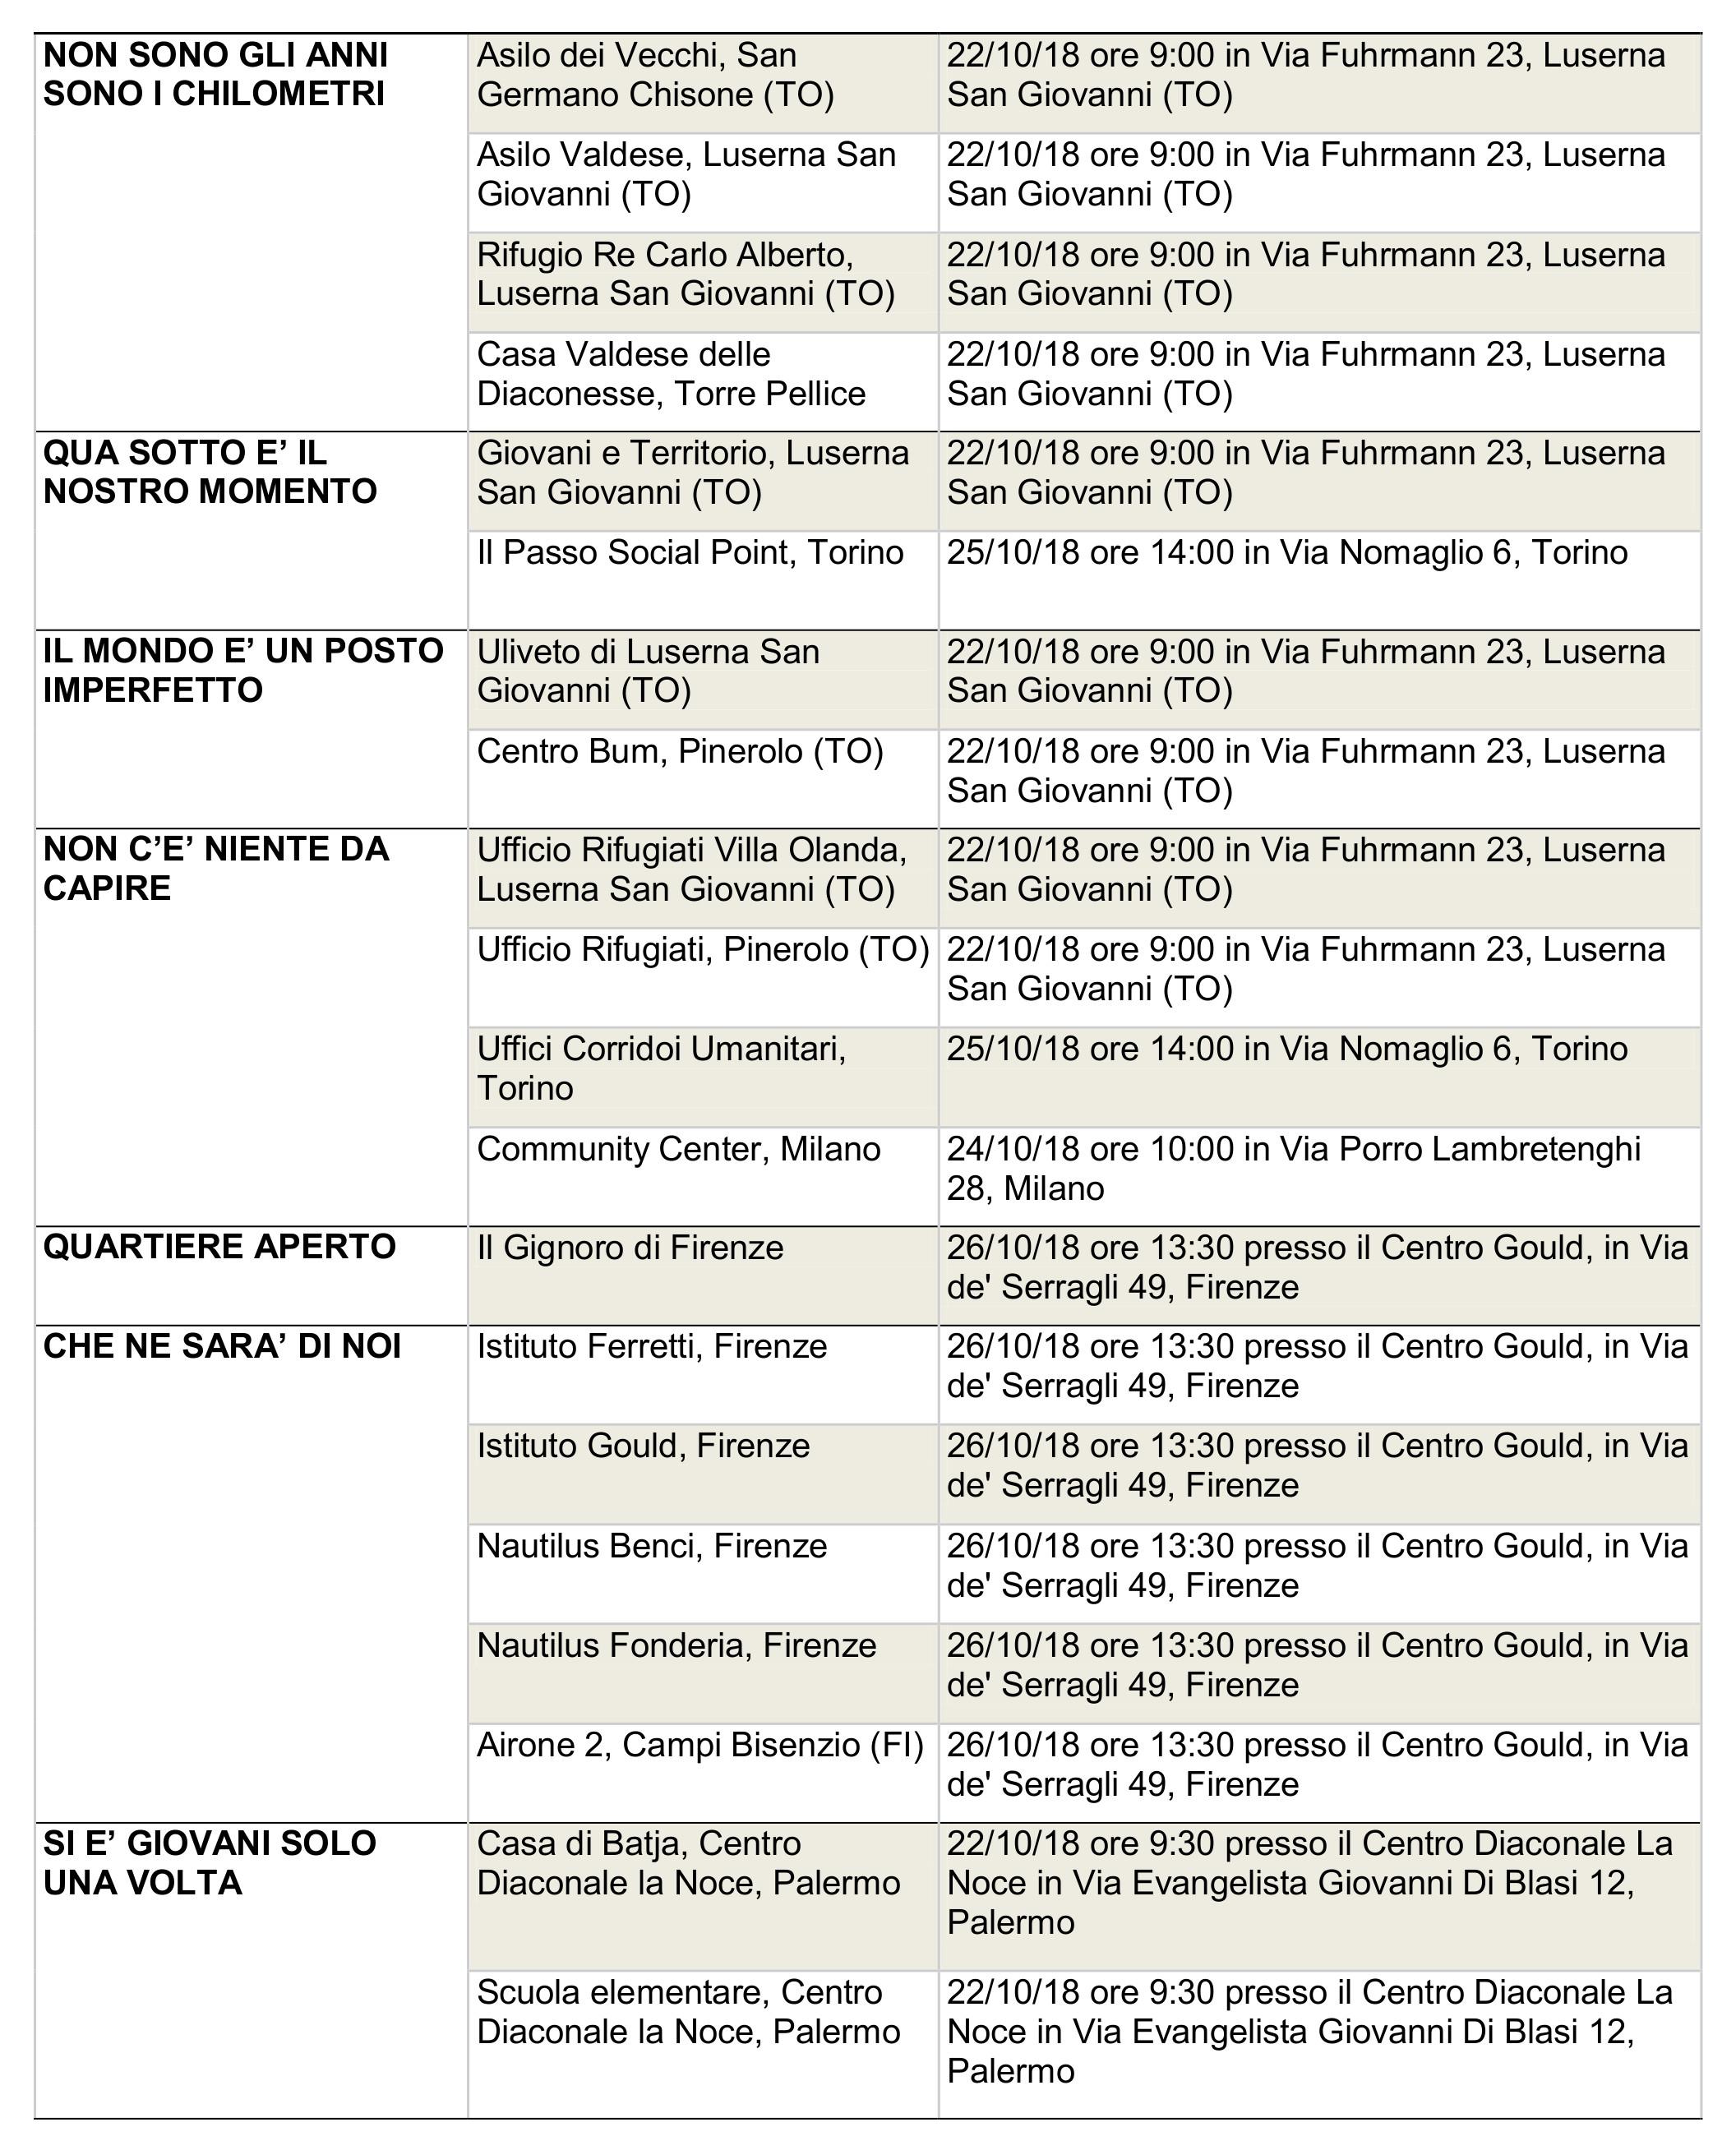 Elenco date e luoghi dei colloqui